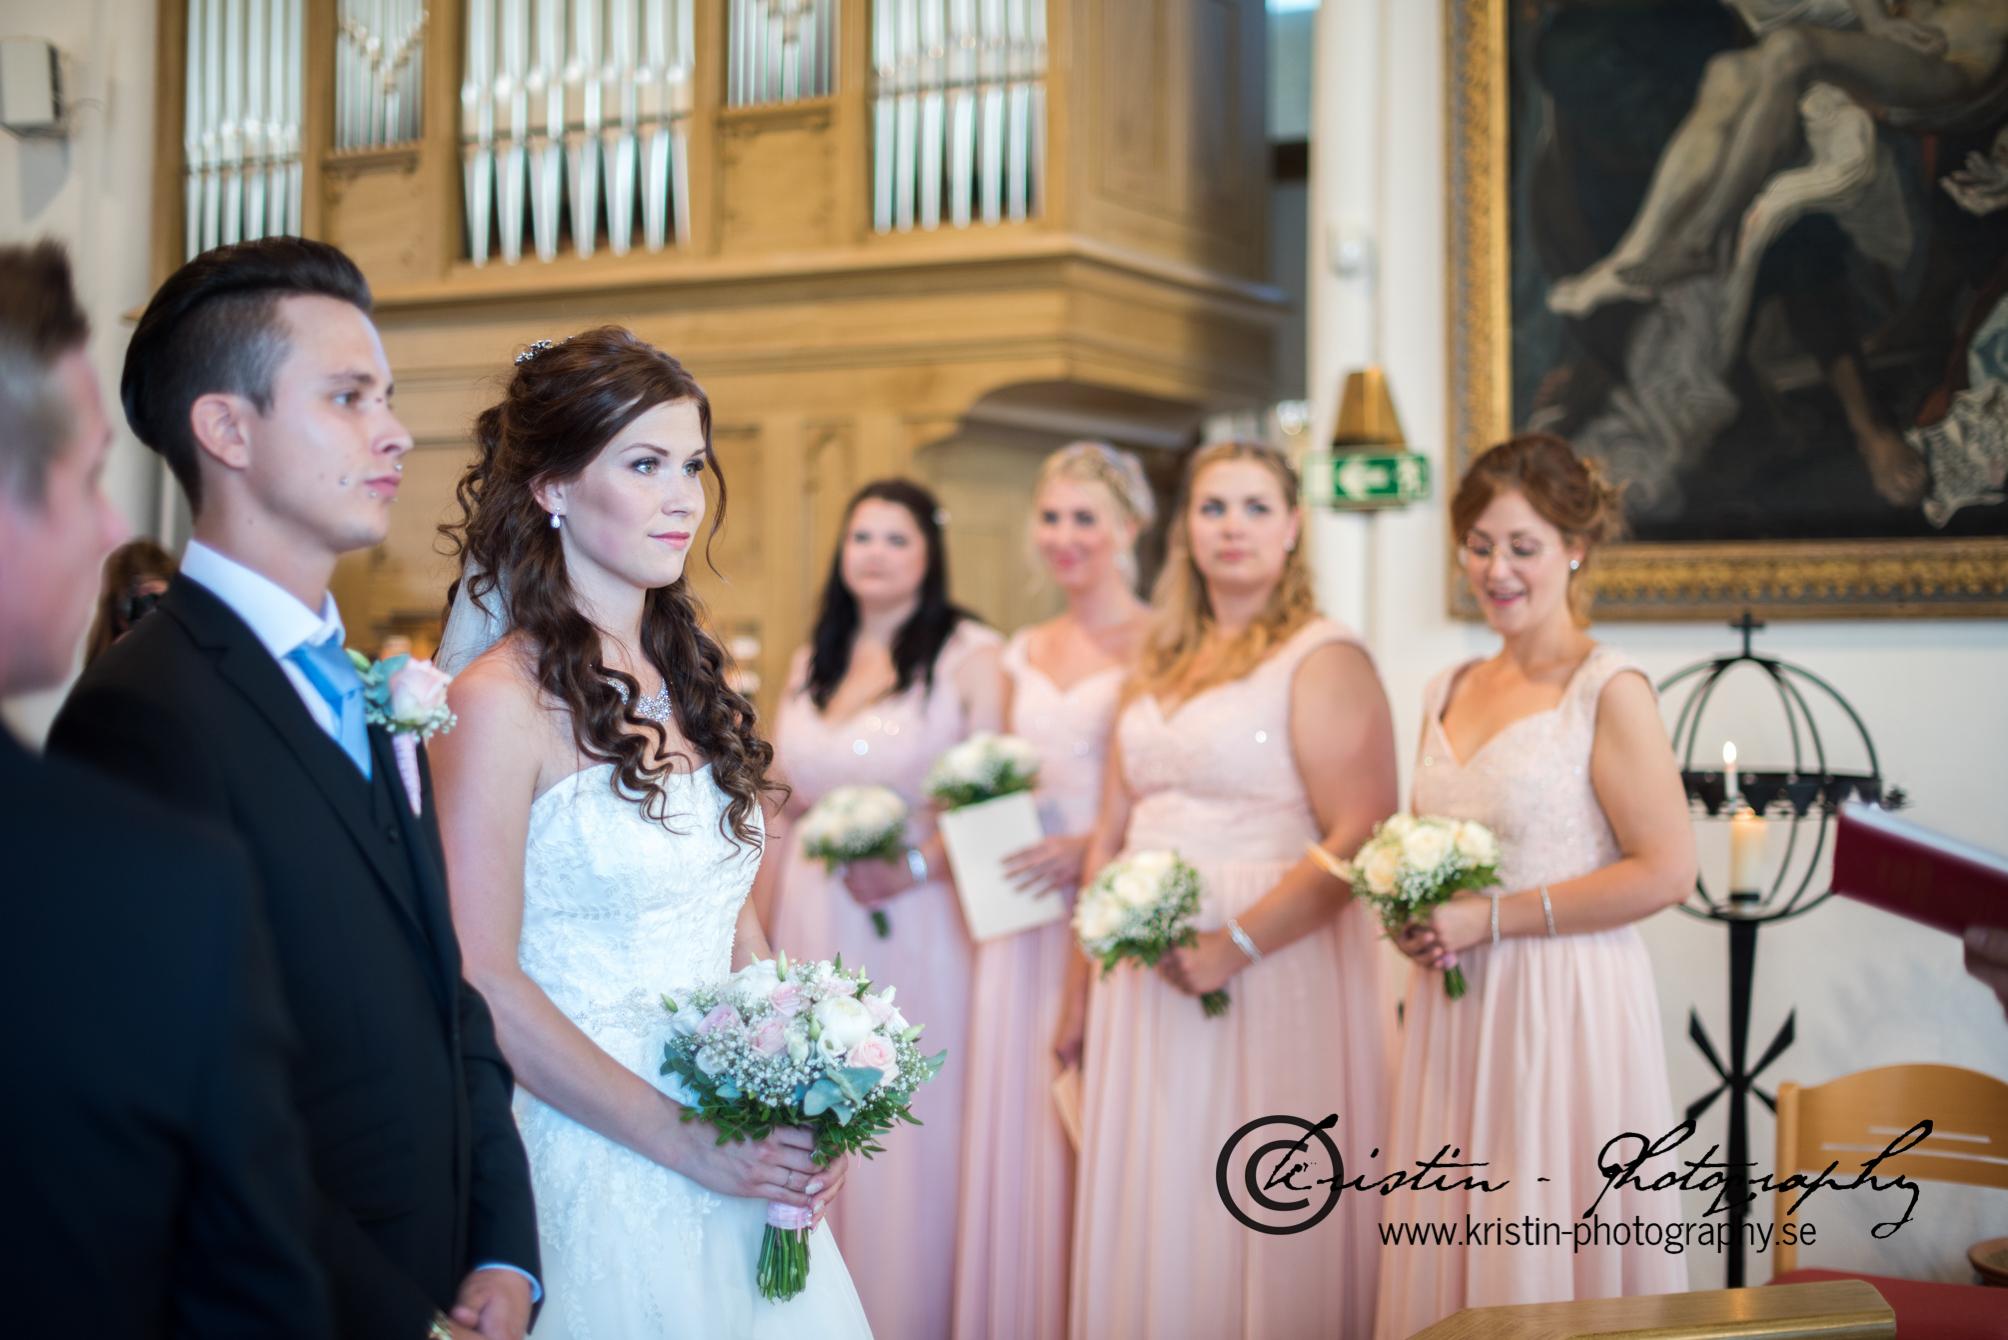 Bröllopsfotograf i Eskilstuna, Kristin - Photography, weddingphotographer -151.jpg